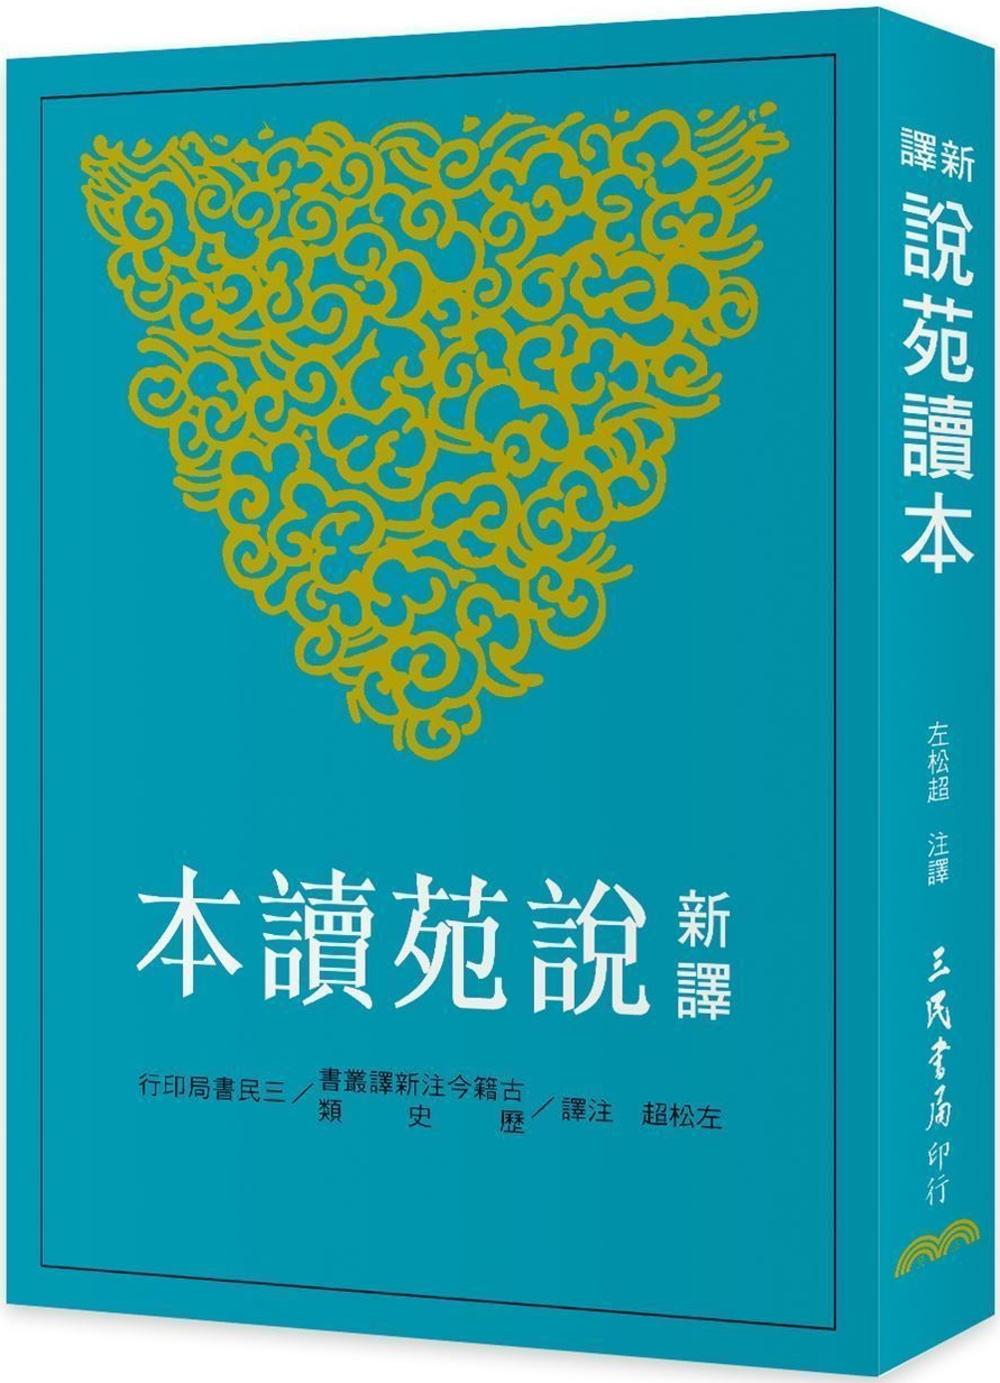 新譯說苑讀本(左)(二版)